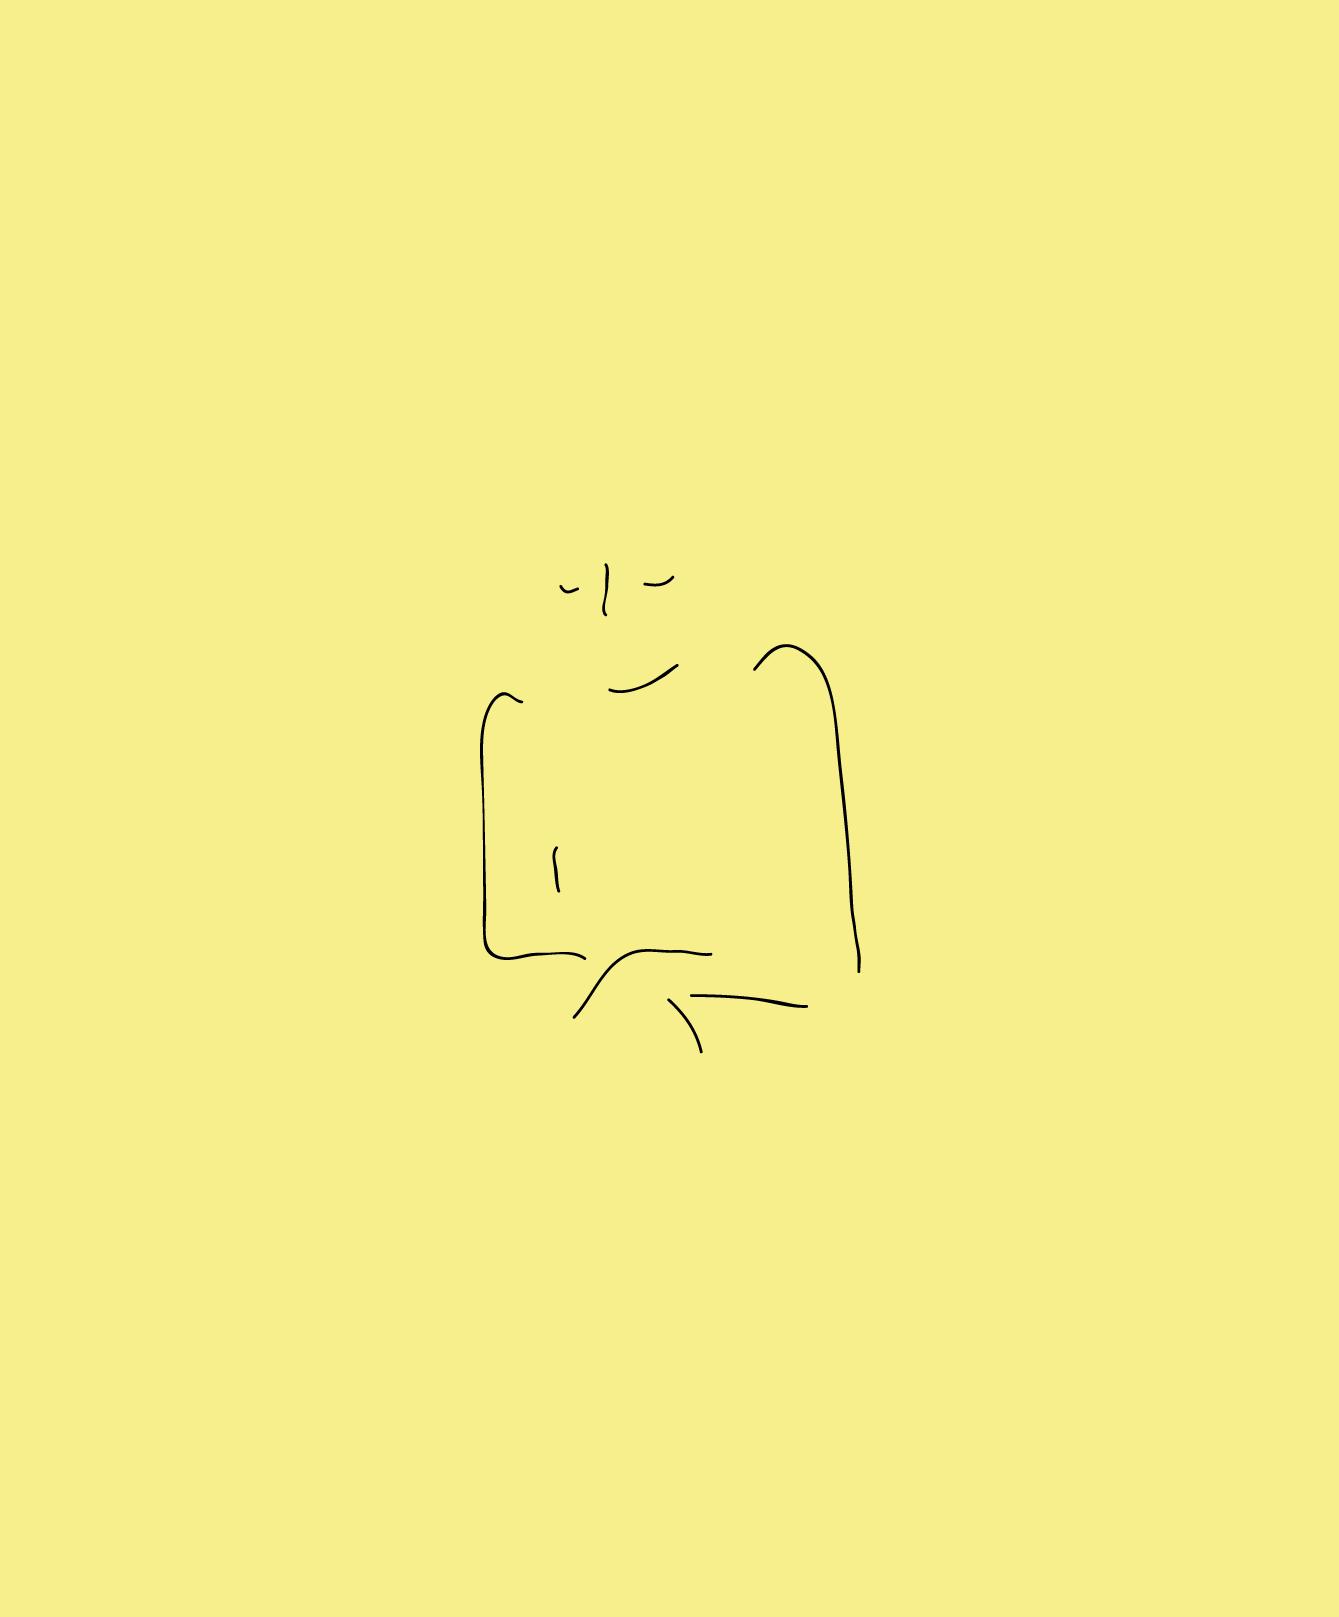 line-illustration.png